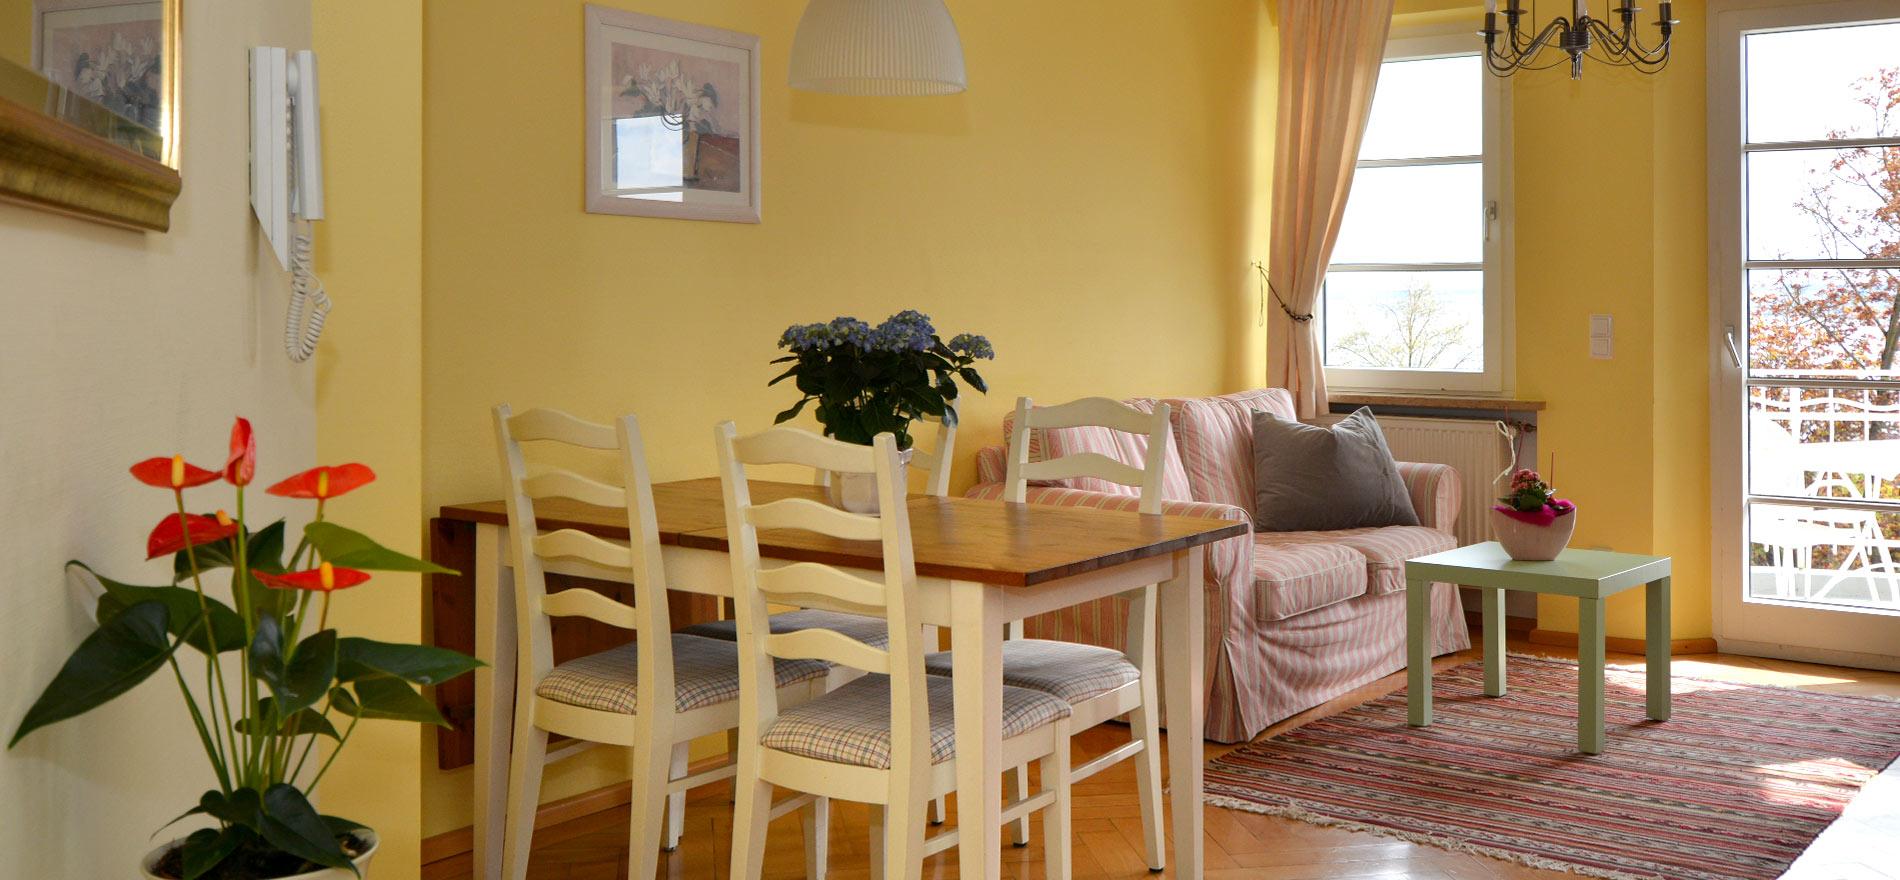 Ferienwohnung Pfarrhaus in Meersburg - Wohnung 5 1